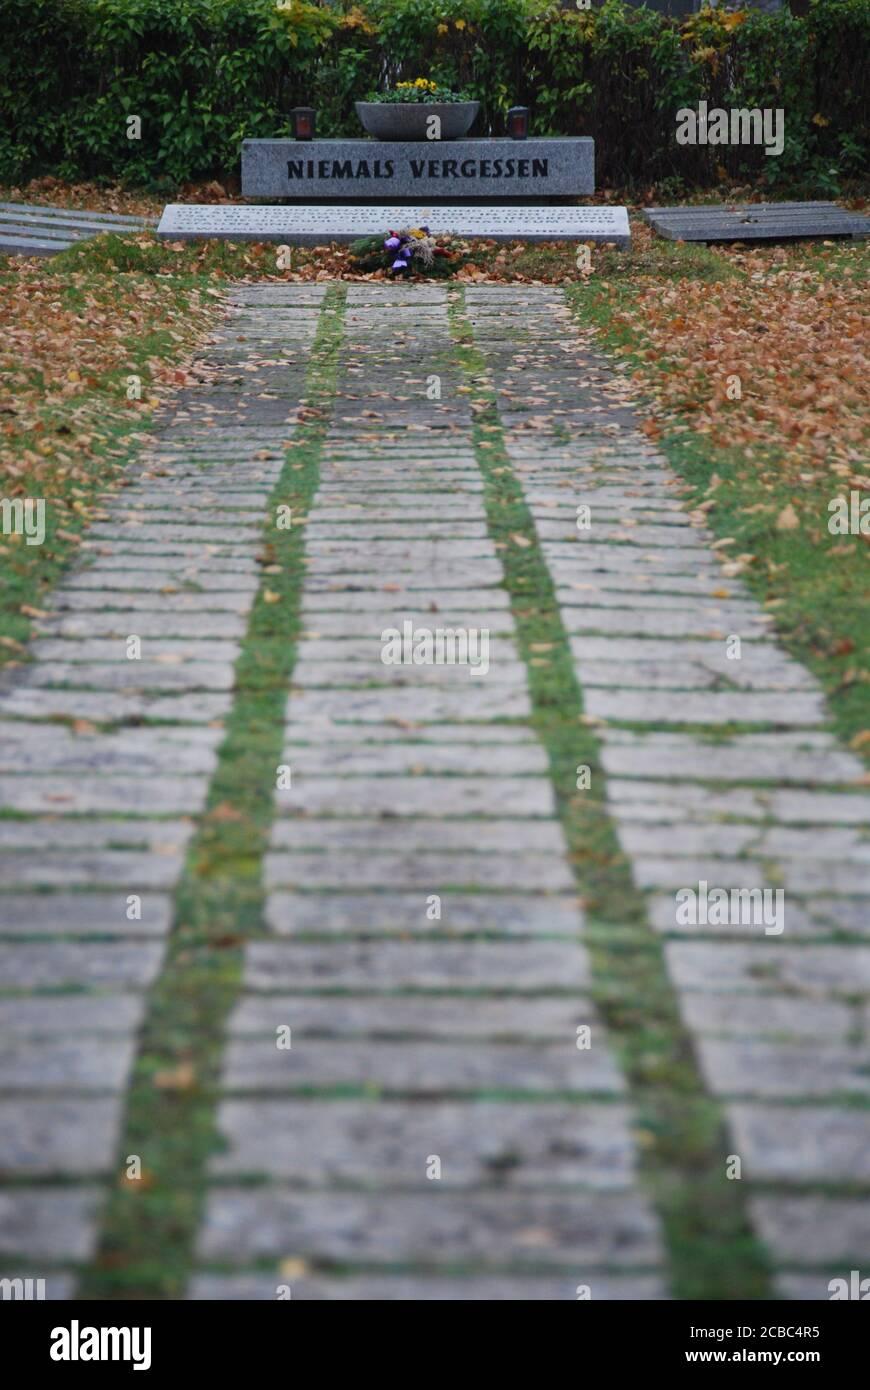 Niemals vergessen Gedenkstätte im Herbst mit Laub Stock Photo